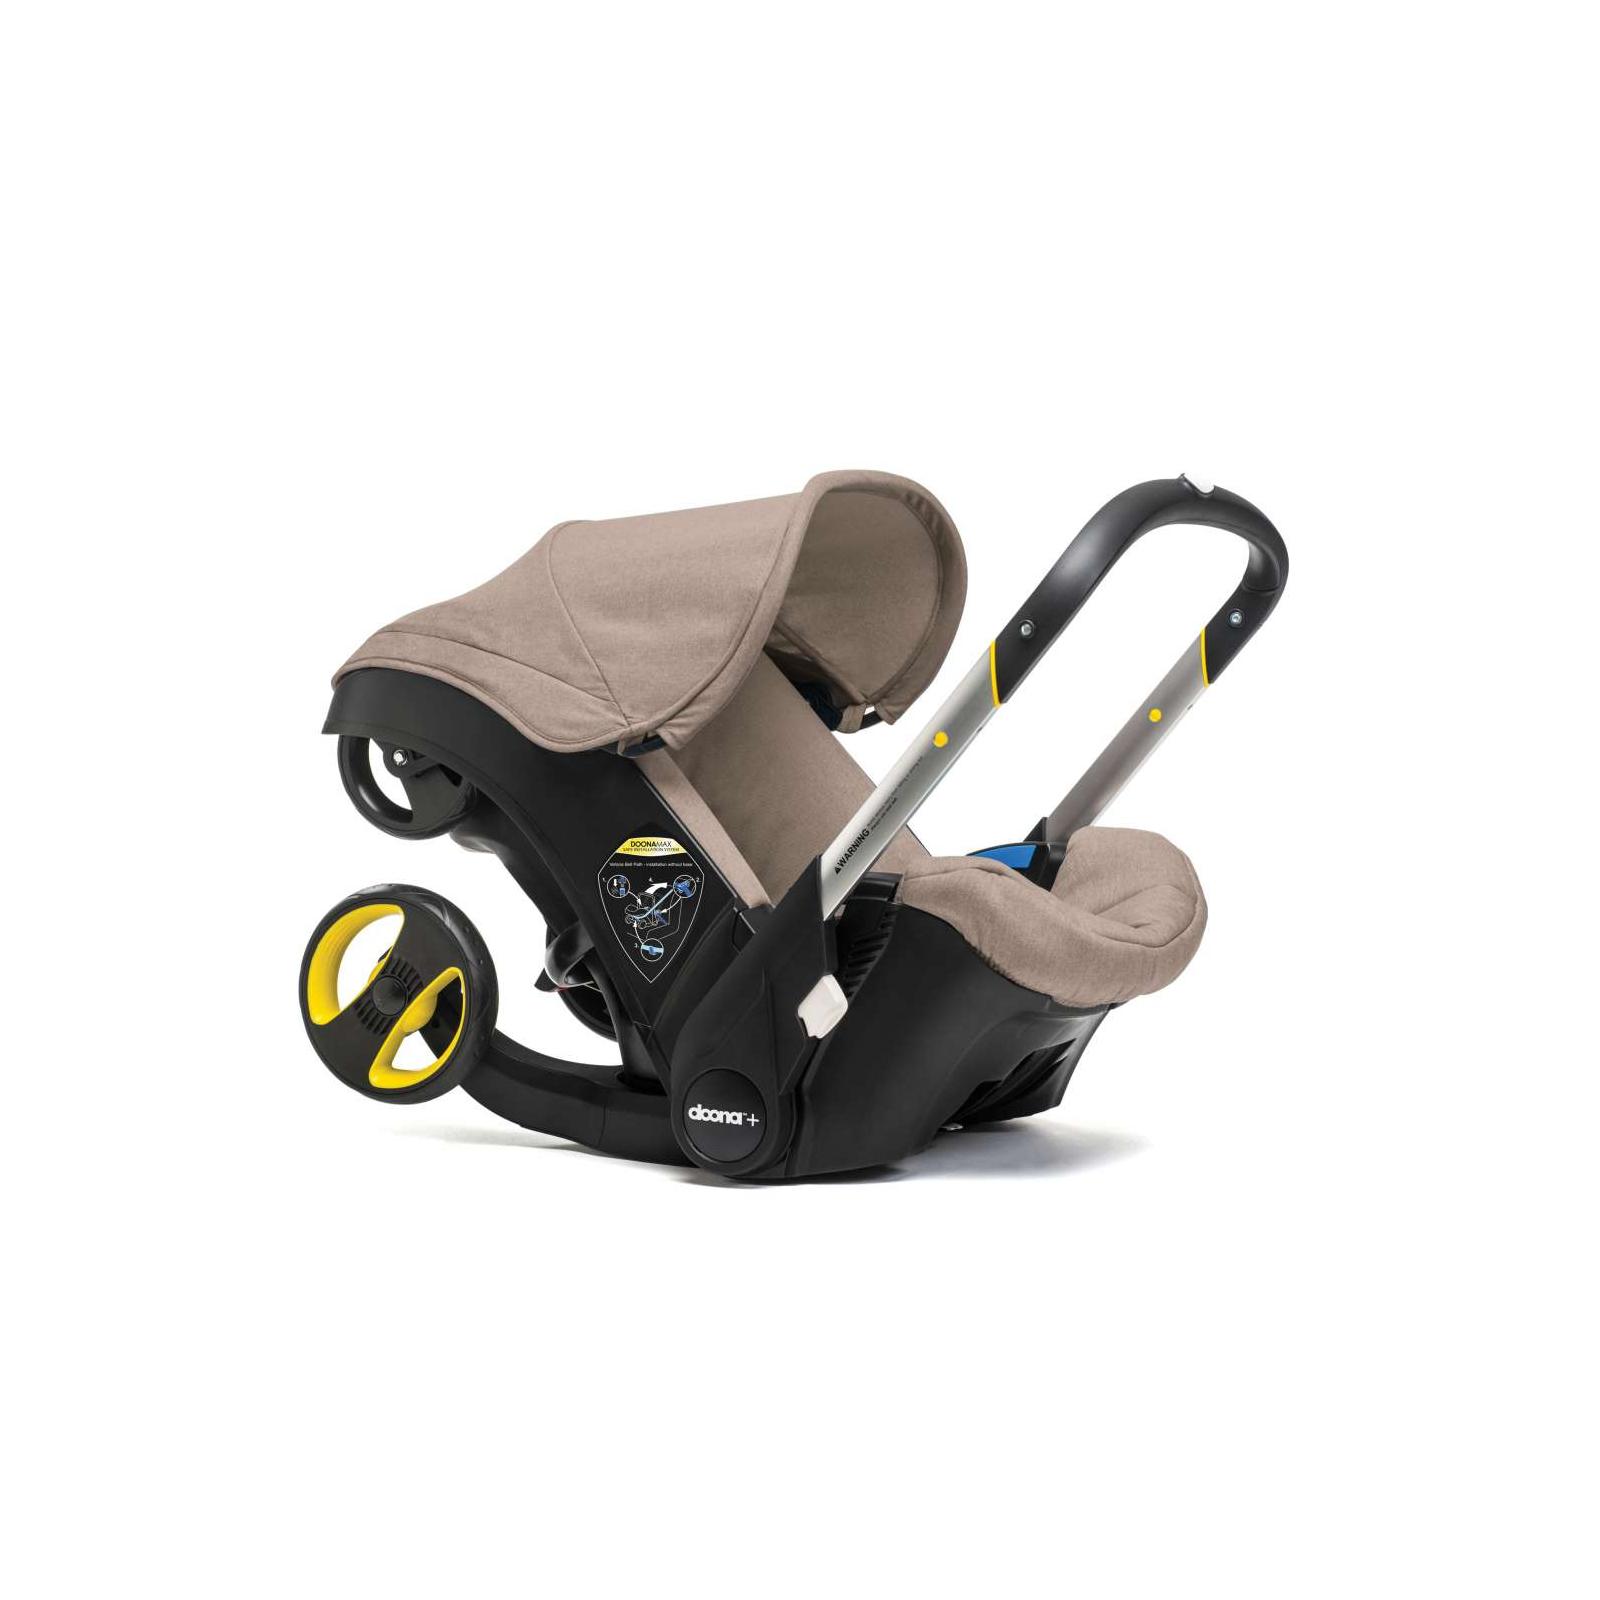 Автокресло Doona Infant Car Seat / Серое (SP150-20-006-015) изображение 2